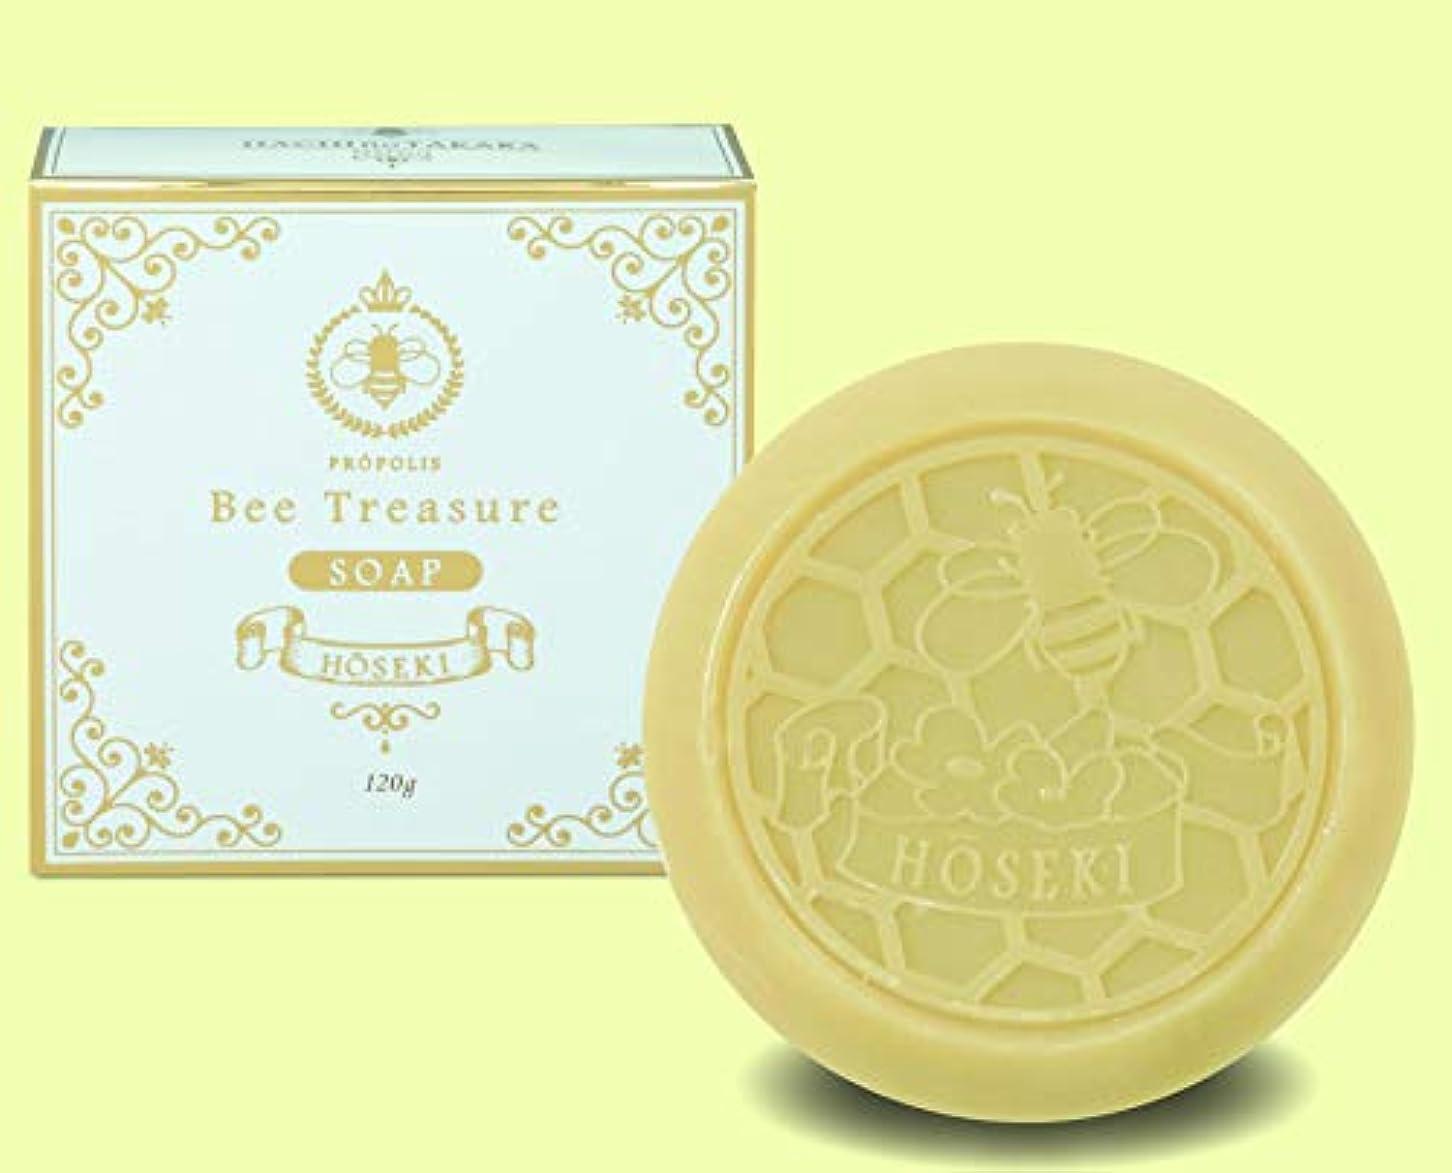 協同活気づけるファンブルBee Treasureマイルド石鹸<蜂石~HōSEKI>